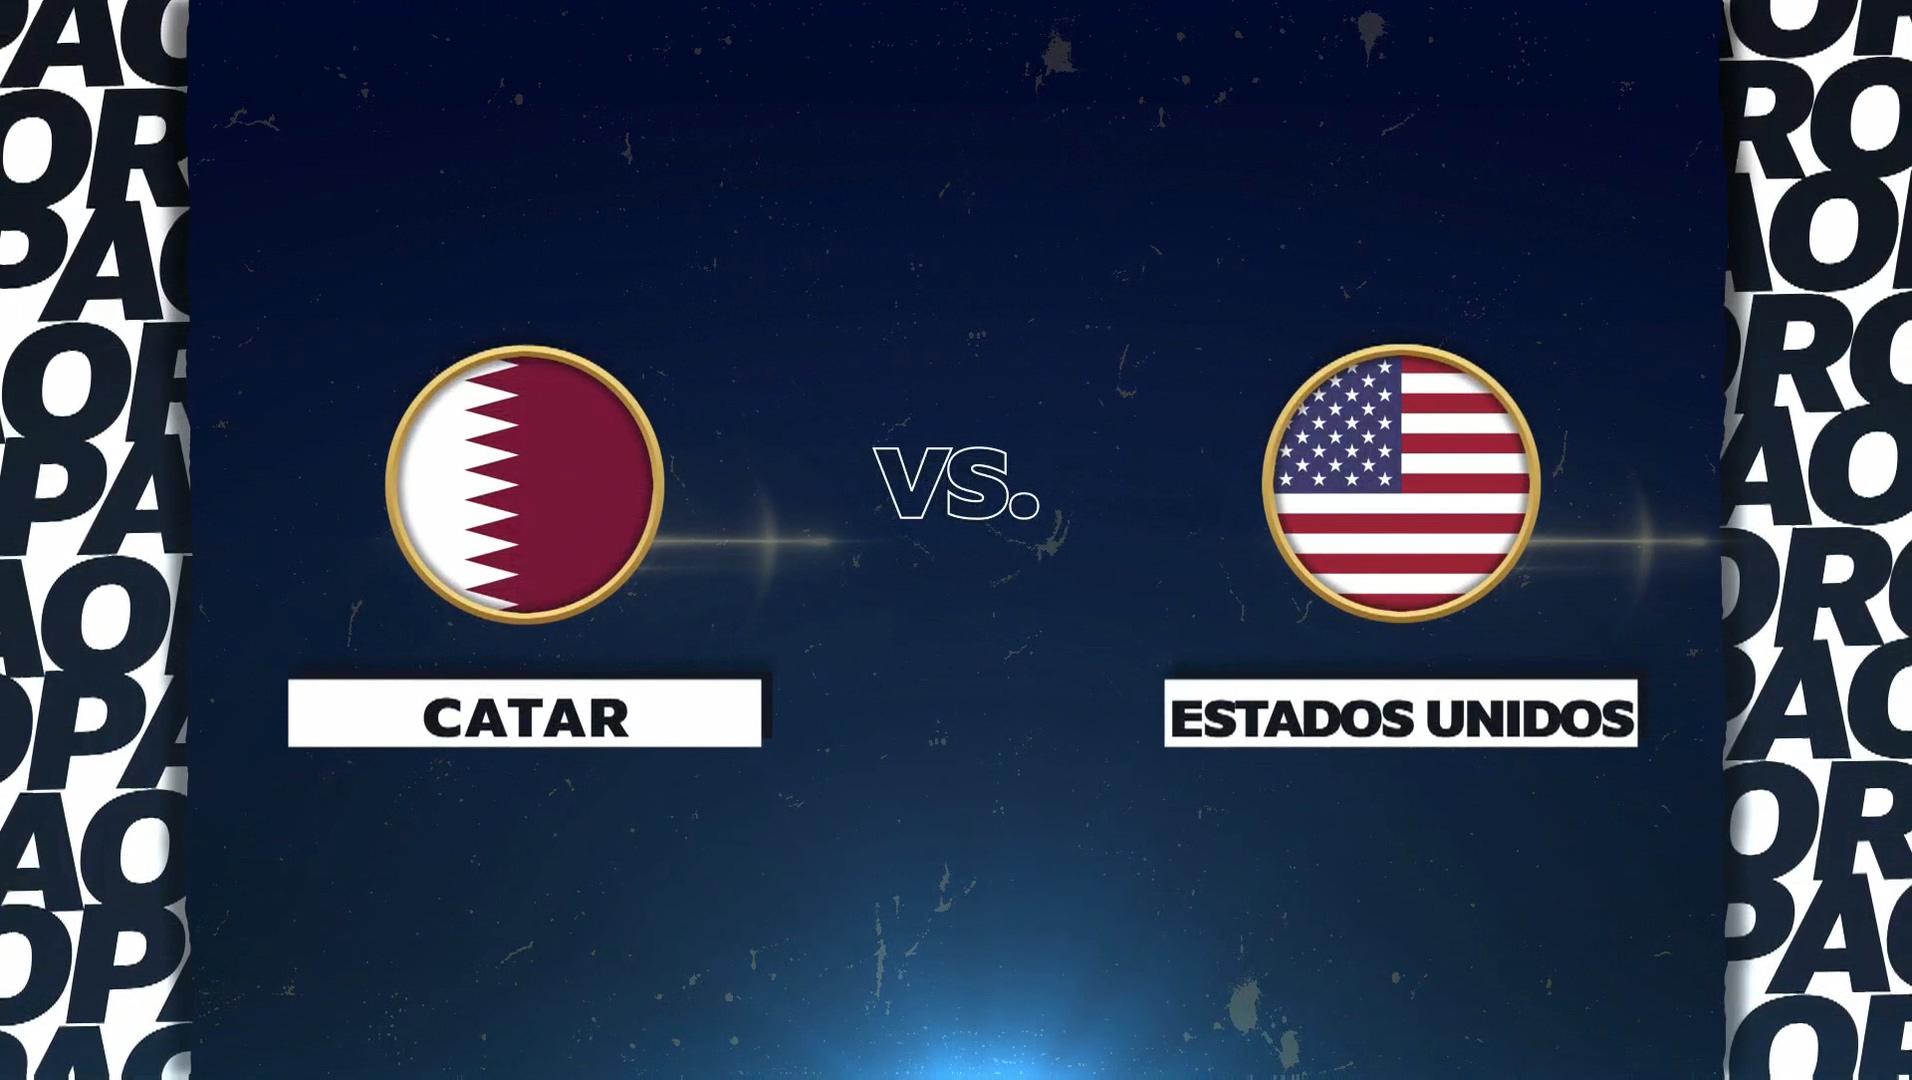 Full match: Qatar vs United States